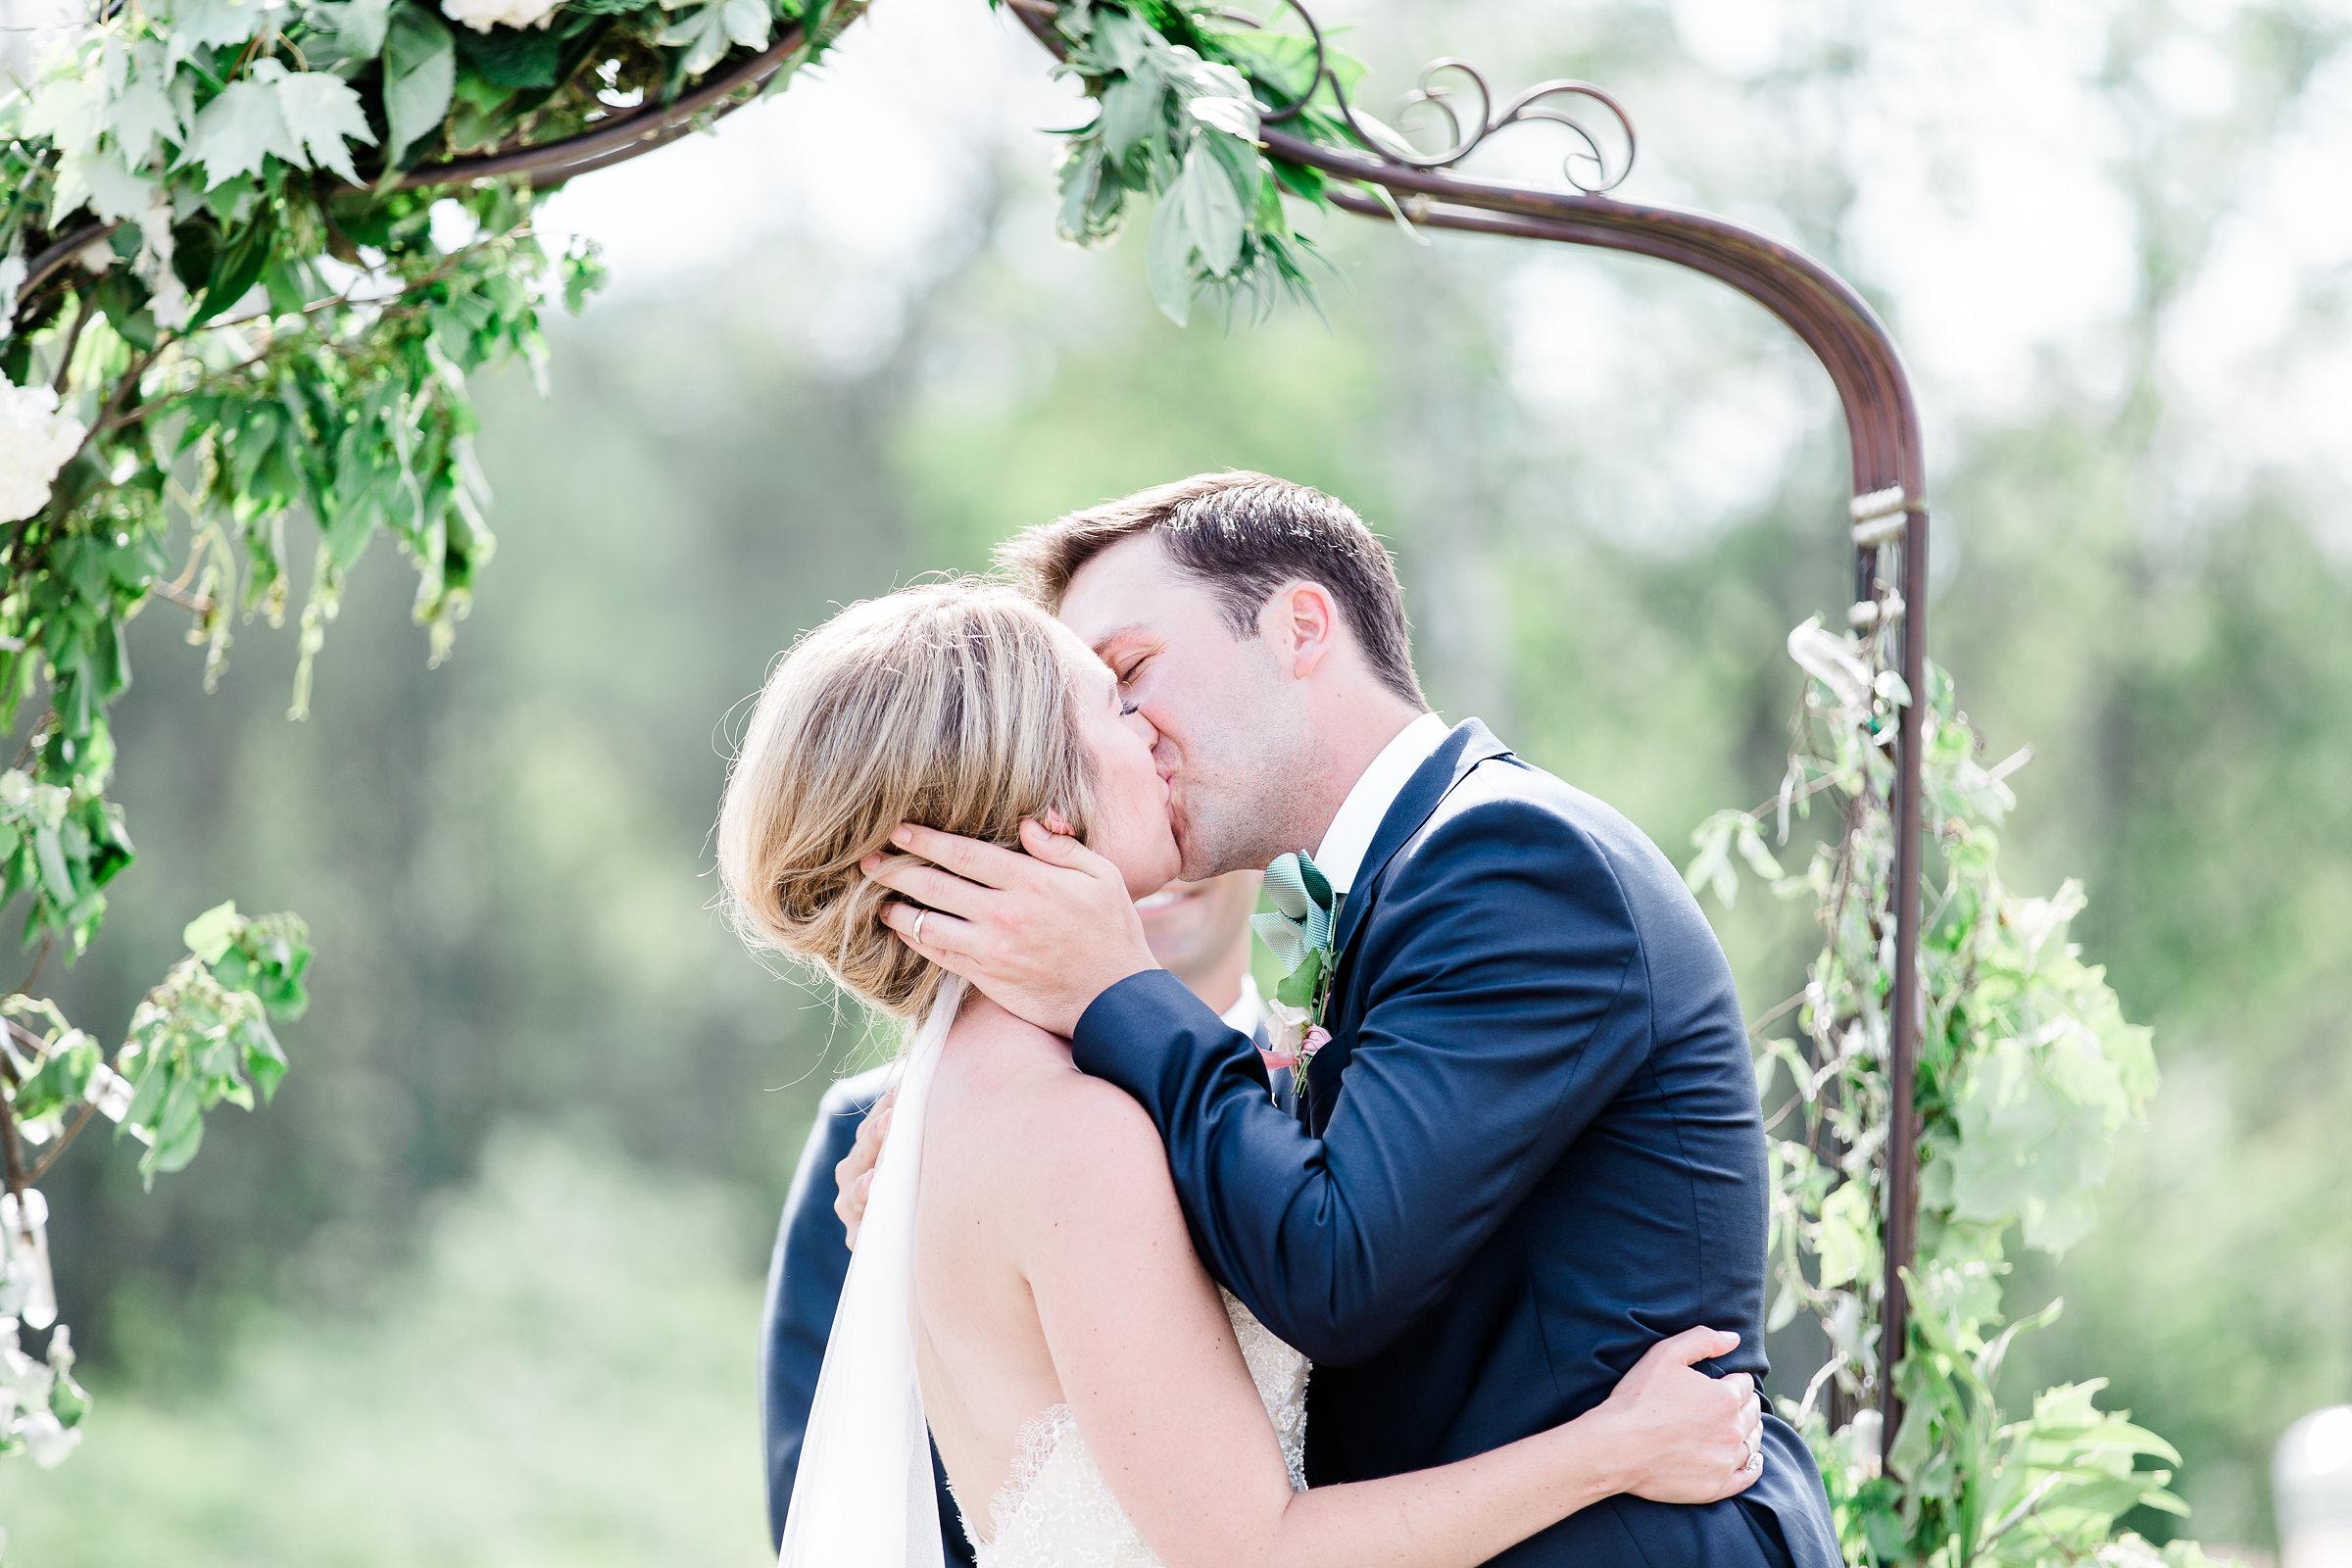 Real Weddings Instagram: Real Weddings :: Jarvie & Hank's Leelanau Wedding